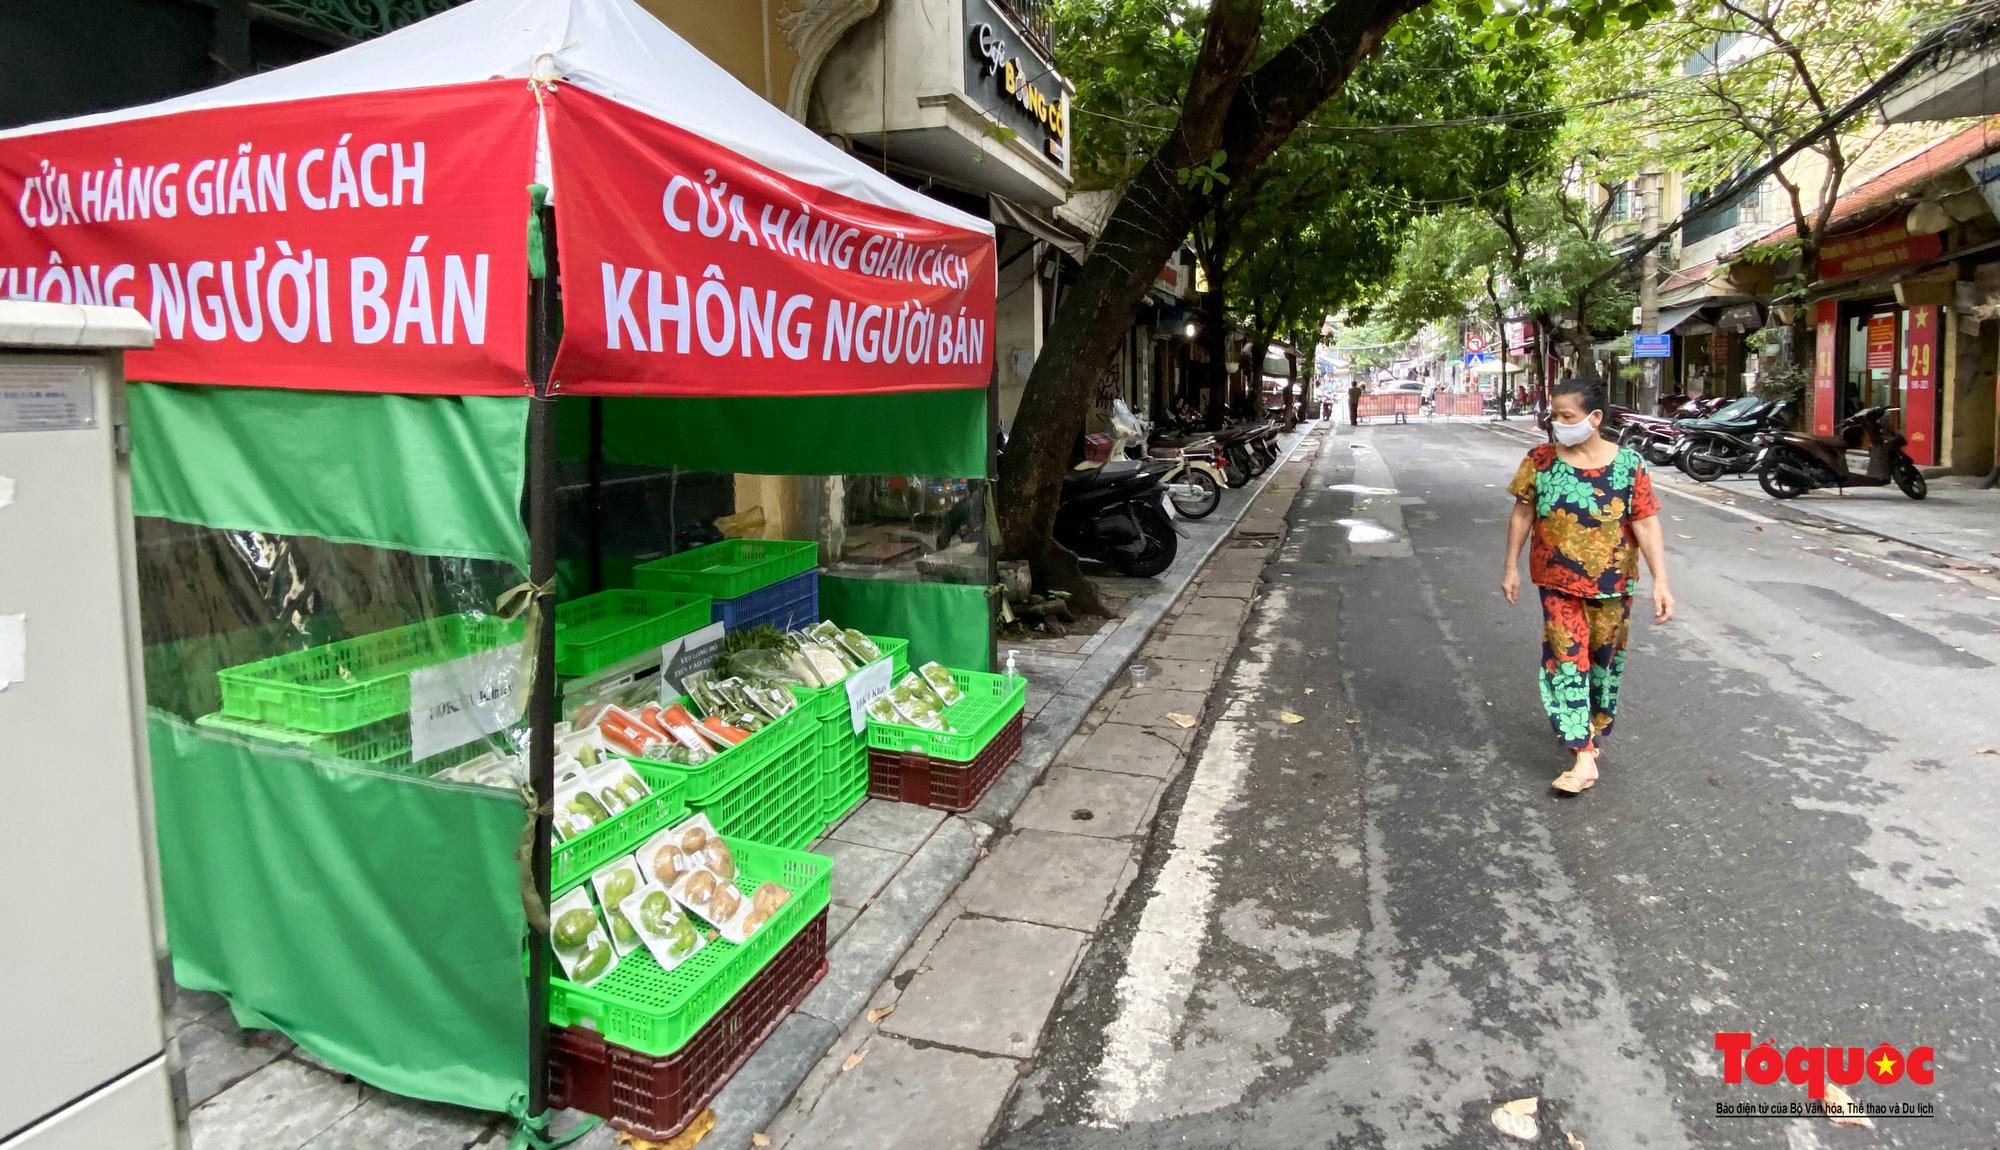 Hà Nội: Cửa hàng thiết yếu không người bán, người mua cũng không cần phải trả tiền ngay - Ảnh 1.